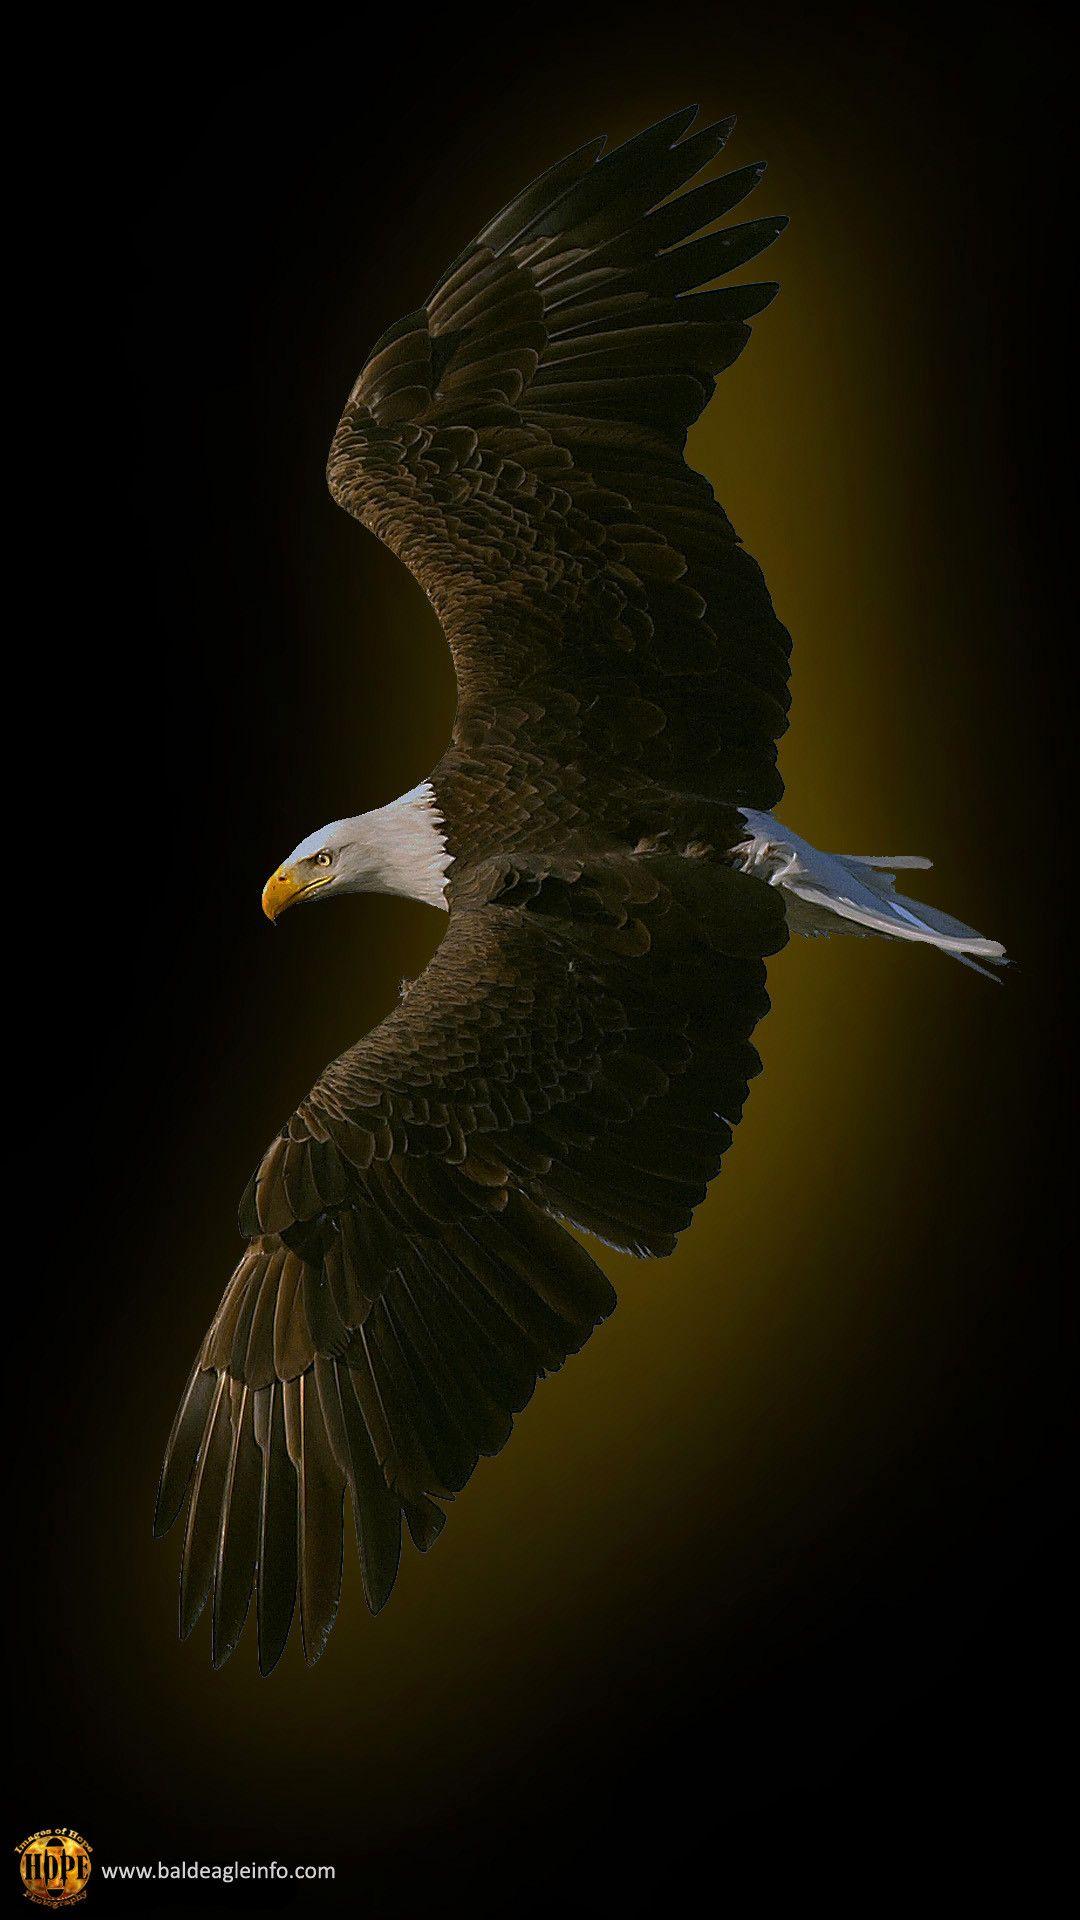 1080x1920 Bald Eagle Graphic By Hope Rutledge Eagle Wallpaper Animal Wallpaper Bald Eagle